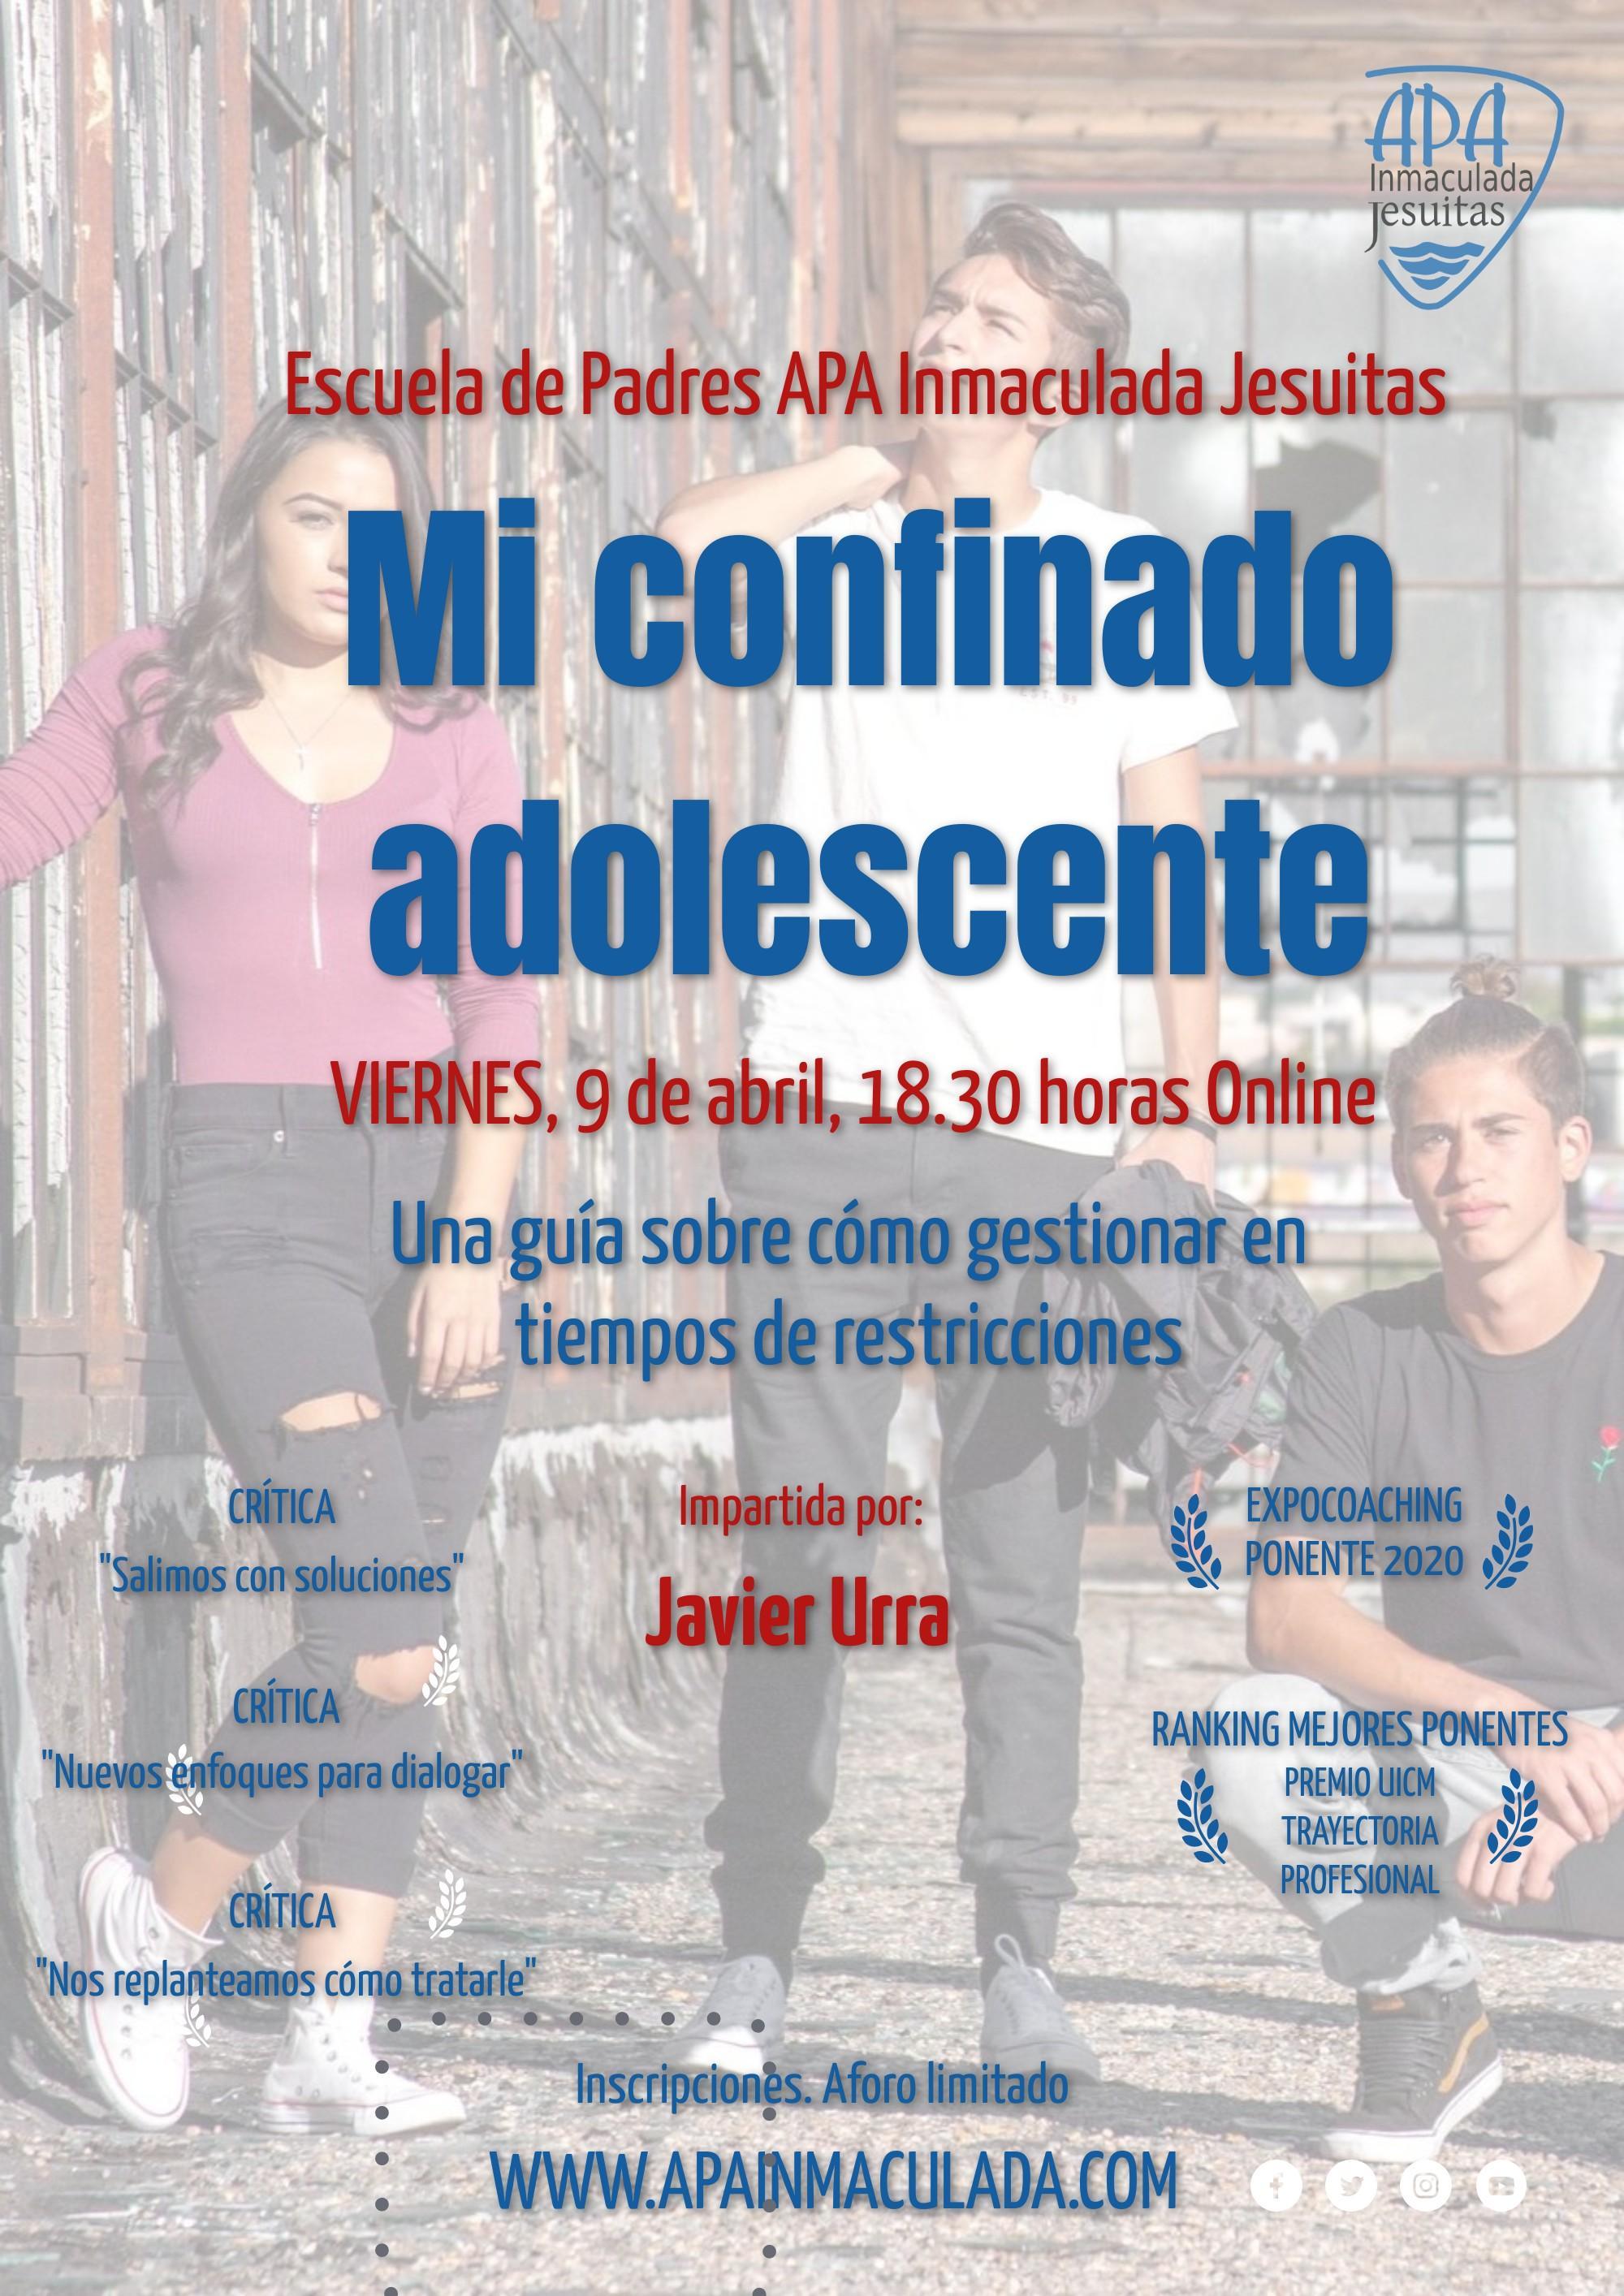 Escuela de padres. Viernes 9 de abril, 18.30 horas. «Mi confinado adolescente», con Javier Urra